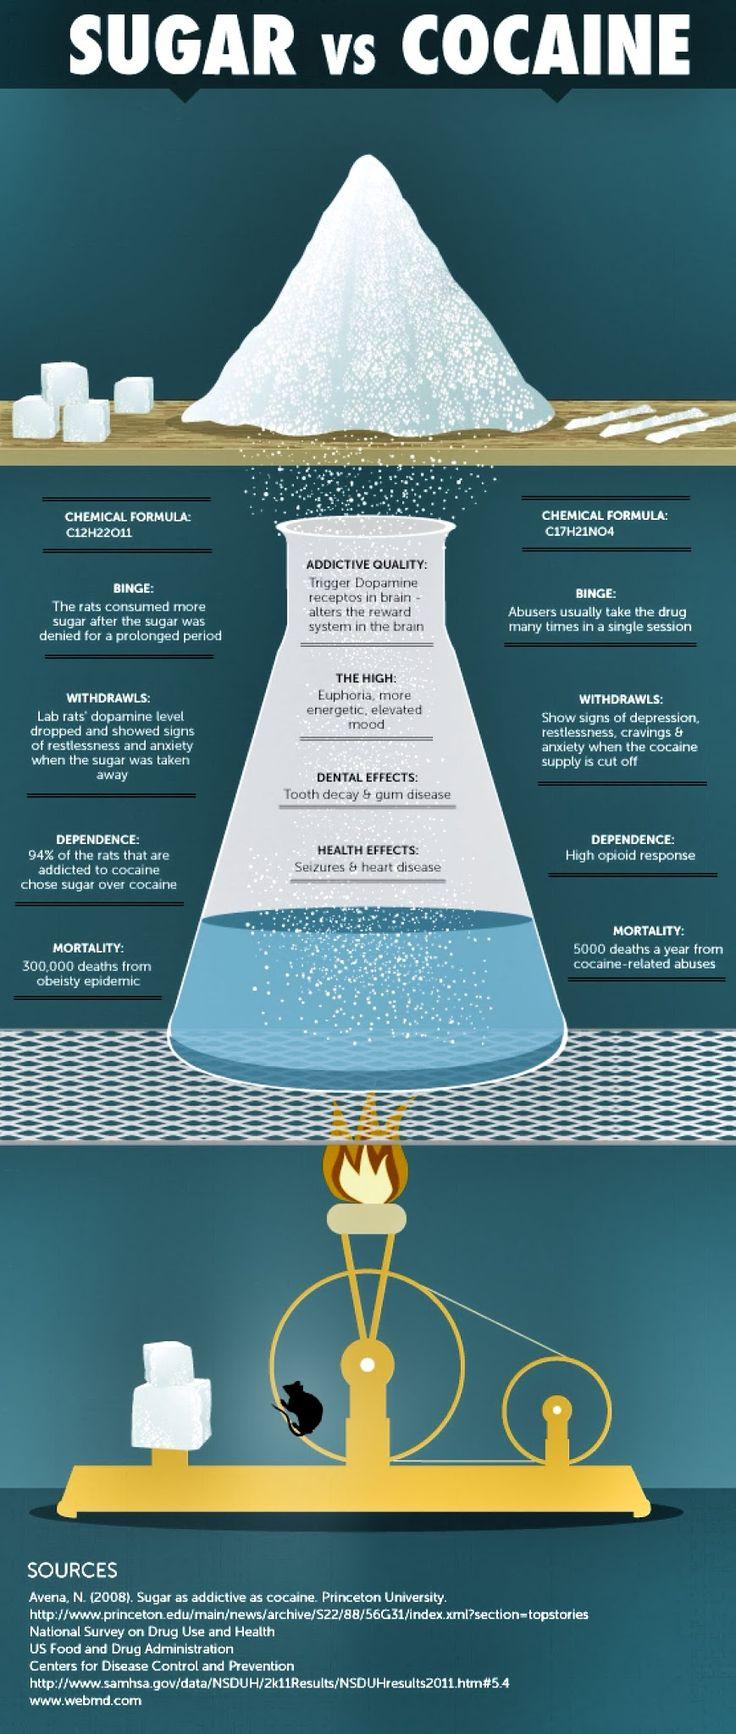 Addiction to sugar vs cocaine. Are you a sugar addict?